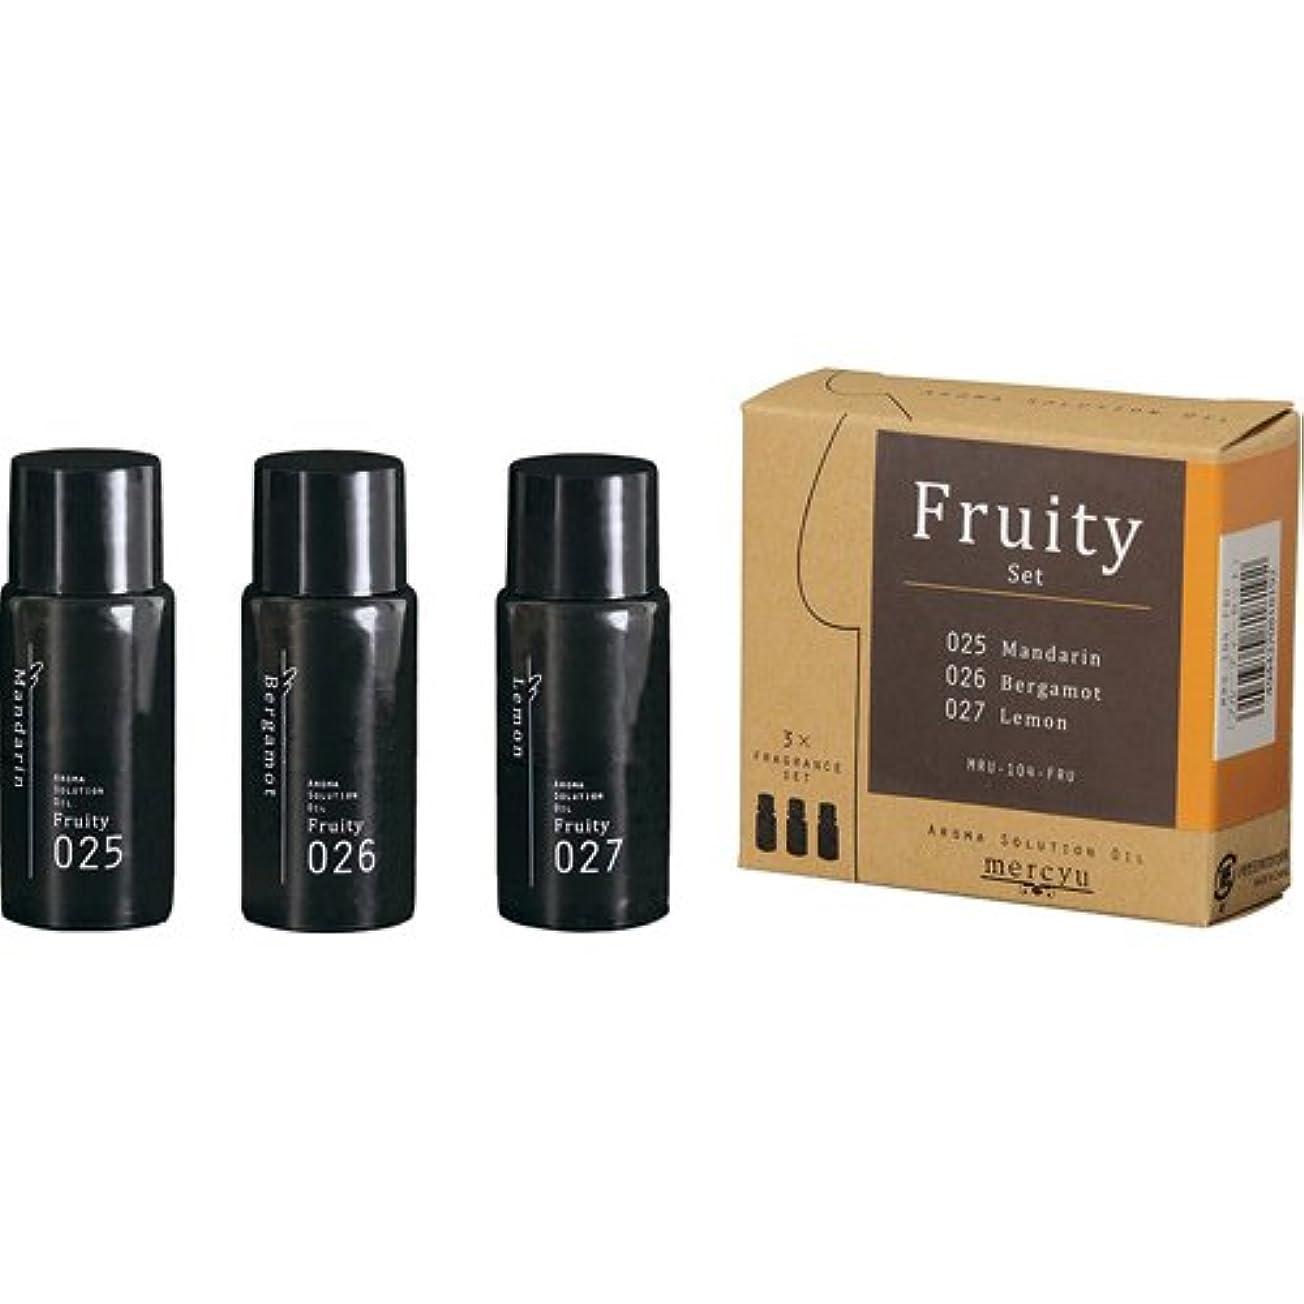 流行しているわずかにブラケットアロマ ソリューション オイル Fruity (025ベルガモット/026レモン/027マンダリン) MRU-104-FRU